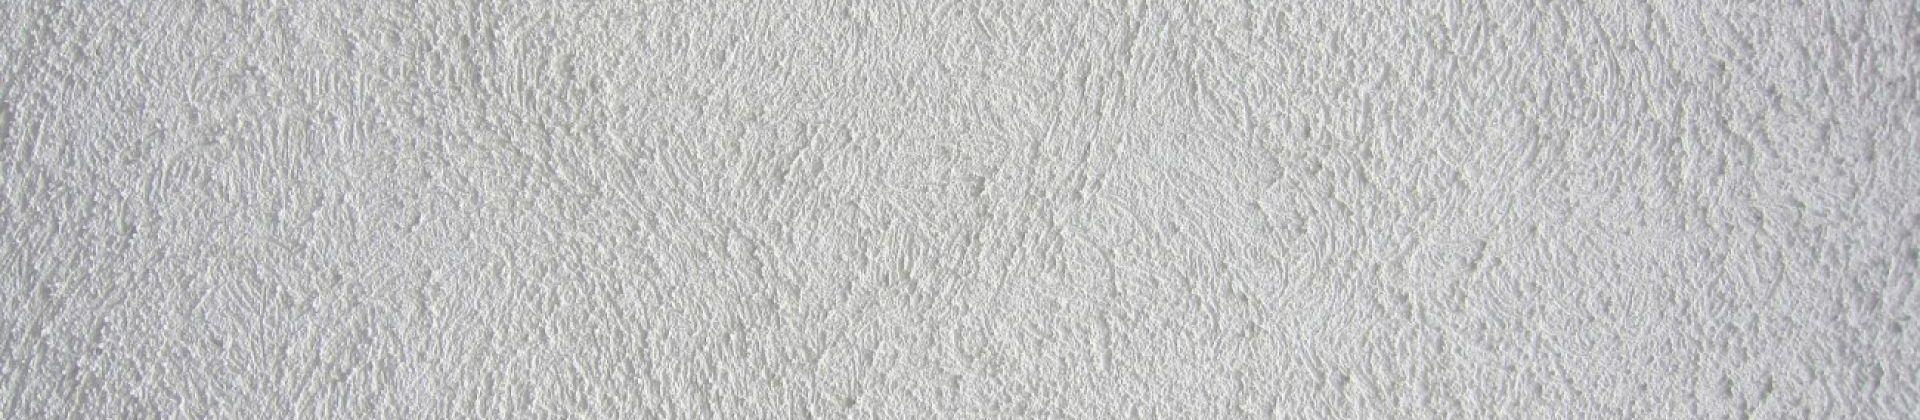 Tynki zewnętrzne - ochrona ścian na lata